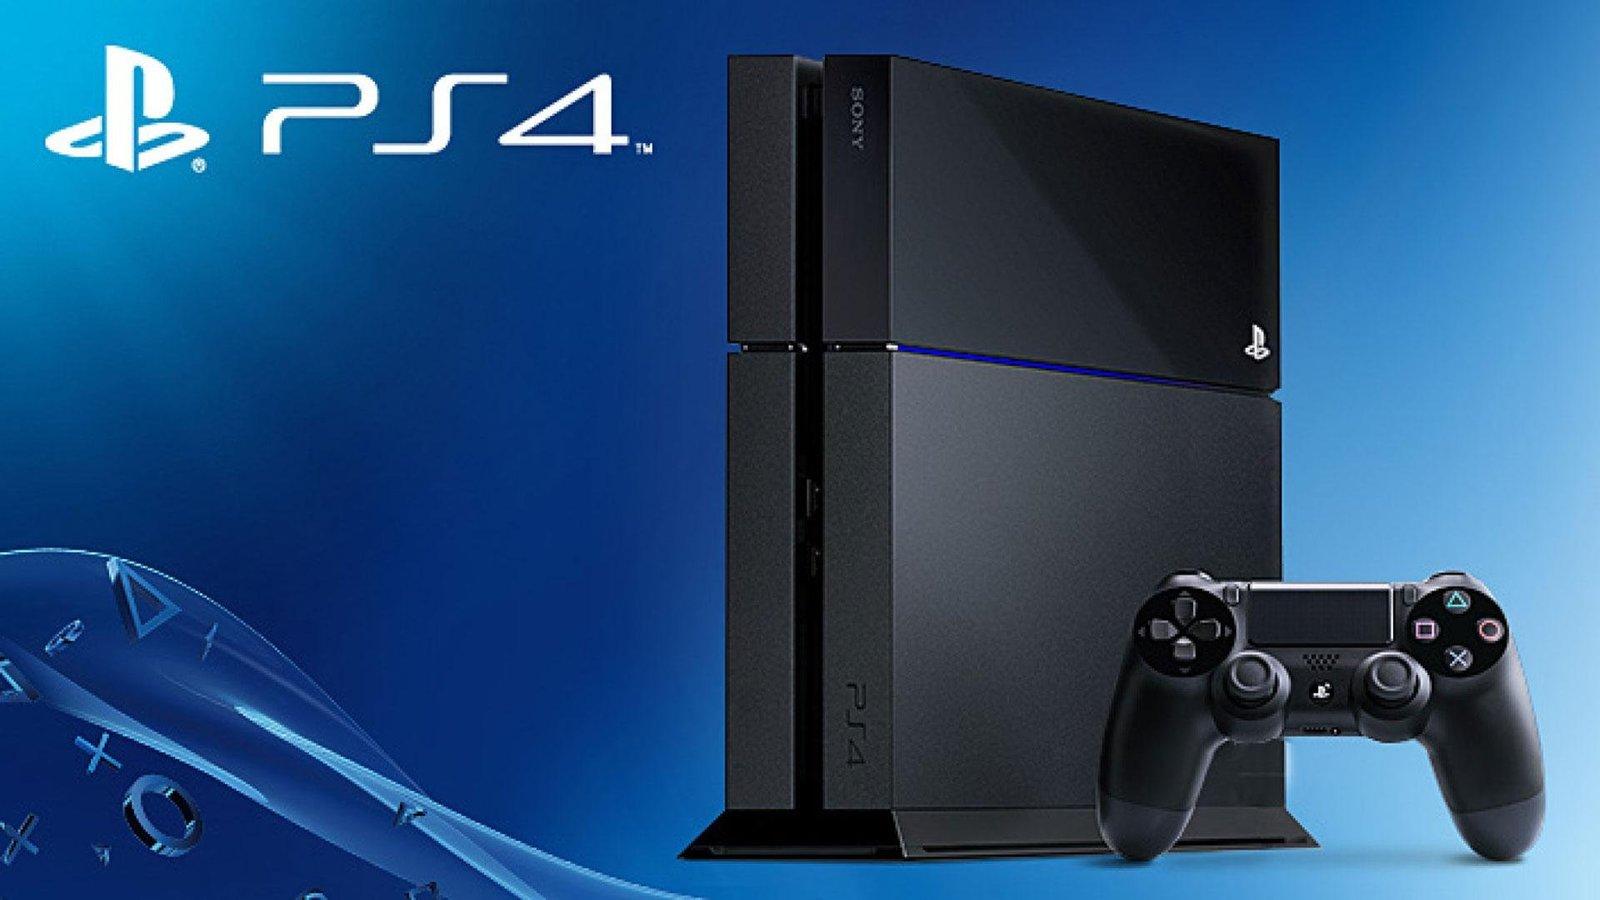 Posiadacze Playstation 4 Musza Uwazac Nowy Atak Blokuje Konsole